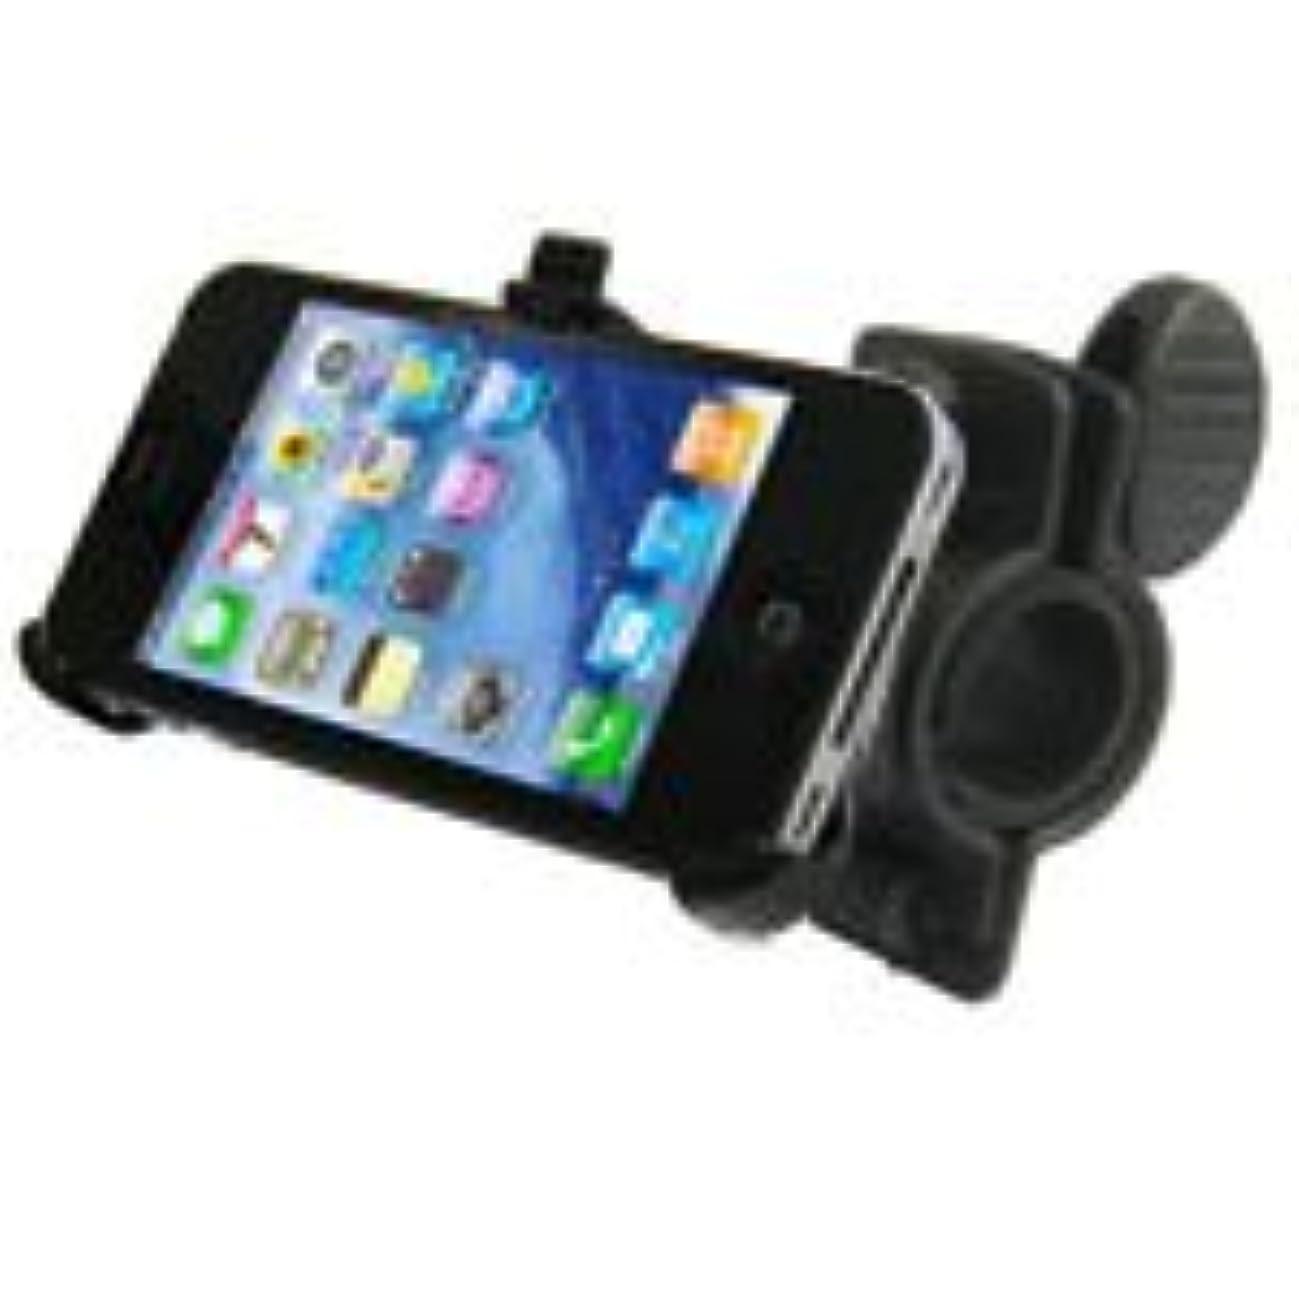 ポーン忠実なめまいWTYDアウトドアツール iPhone 4&4S用ユニバーサル自転車マウント(自転車ホルダー) 自転車の部品